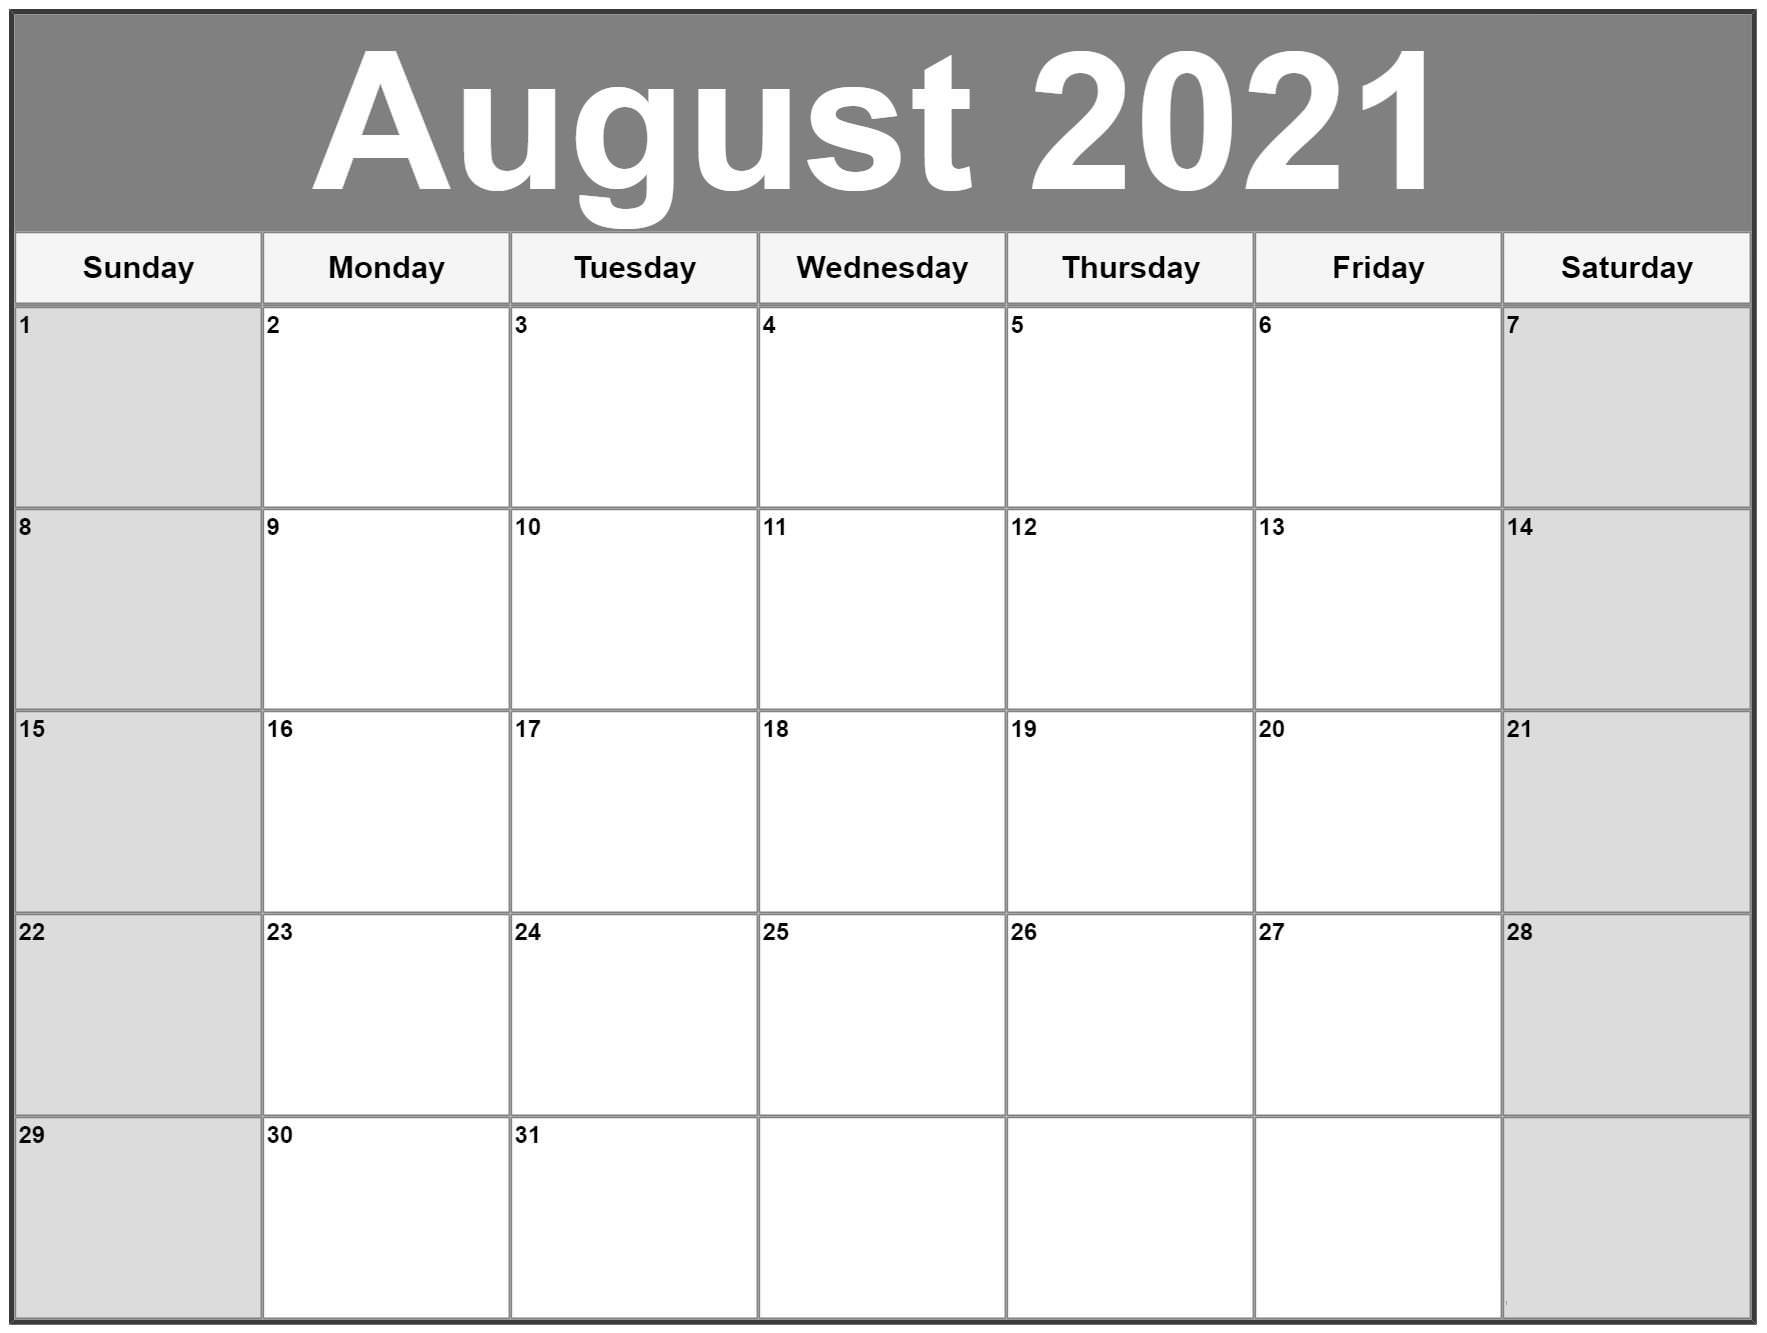 Blank Aug 2021 Calendar Template